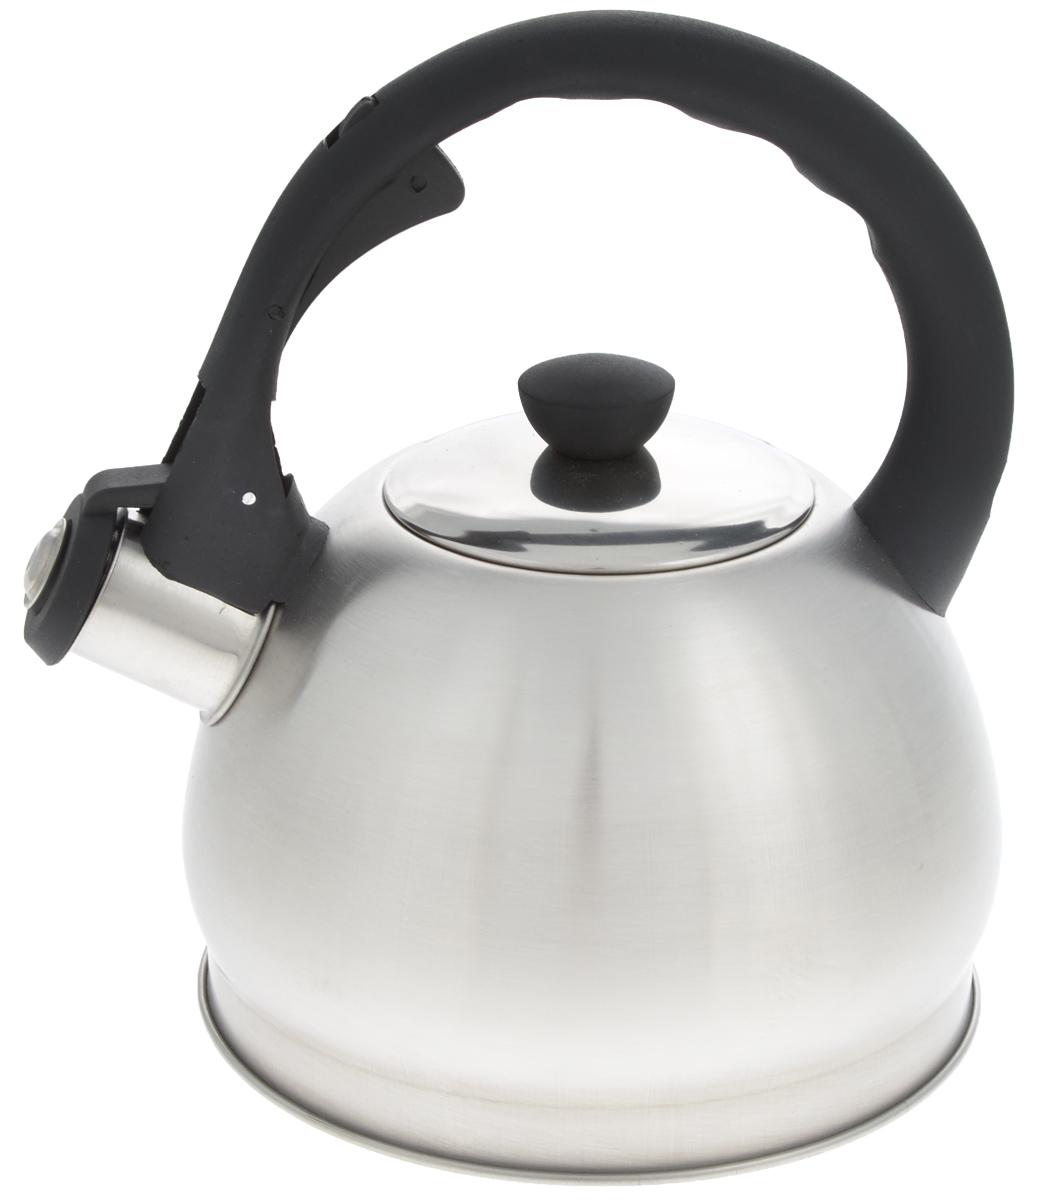 Чайник Mayer & Boch, со свистком, 2 л. 2589425894Чайник со свистком Mayer & Boch изготовлен из высококачественной нержавеющей стали, что обеспечивает долговечность использования. Носик чайника оснащен откидным свистком, звуковой сигнал которого подскажет, когда закипит вода. Свисток открывается нажатием кнопки на фиксированной ручке, сделанной из пластика.Чайник Mayer & Boch - качественное исполнение и стильное решение для вашей кухни. Подходит для всех типов плит, включая индукционные. Можно мыть в посудомоечной машине. Высота чайника (с учетом ручки и крышки): 22 см.Диаметр чайника (по верхнему краю): 9 см.Диаметр основания: 16,5 см.Диаметр индукционного диска: 11,5 см.